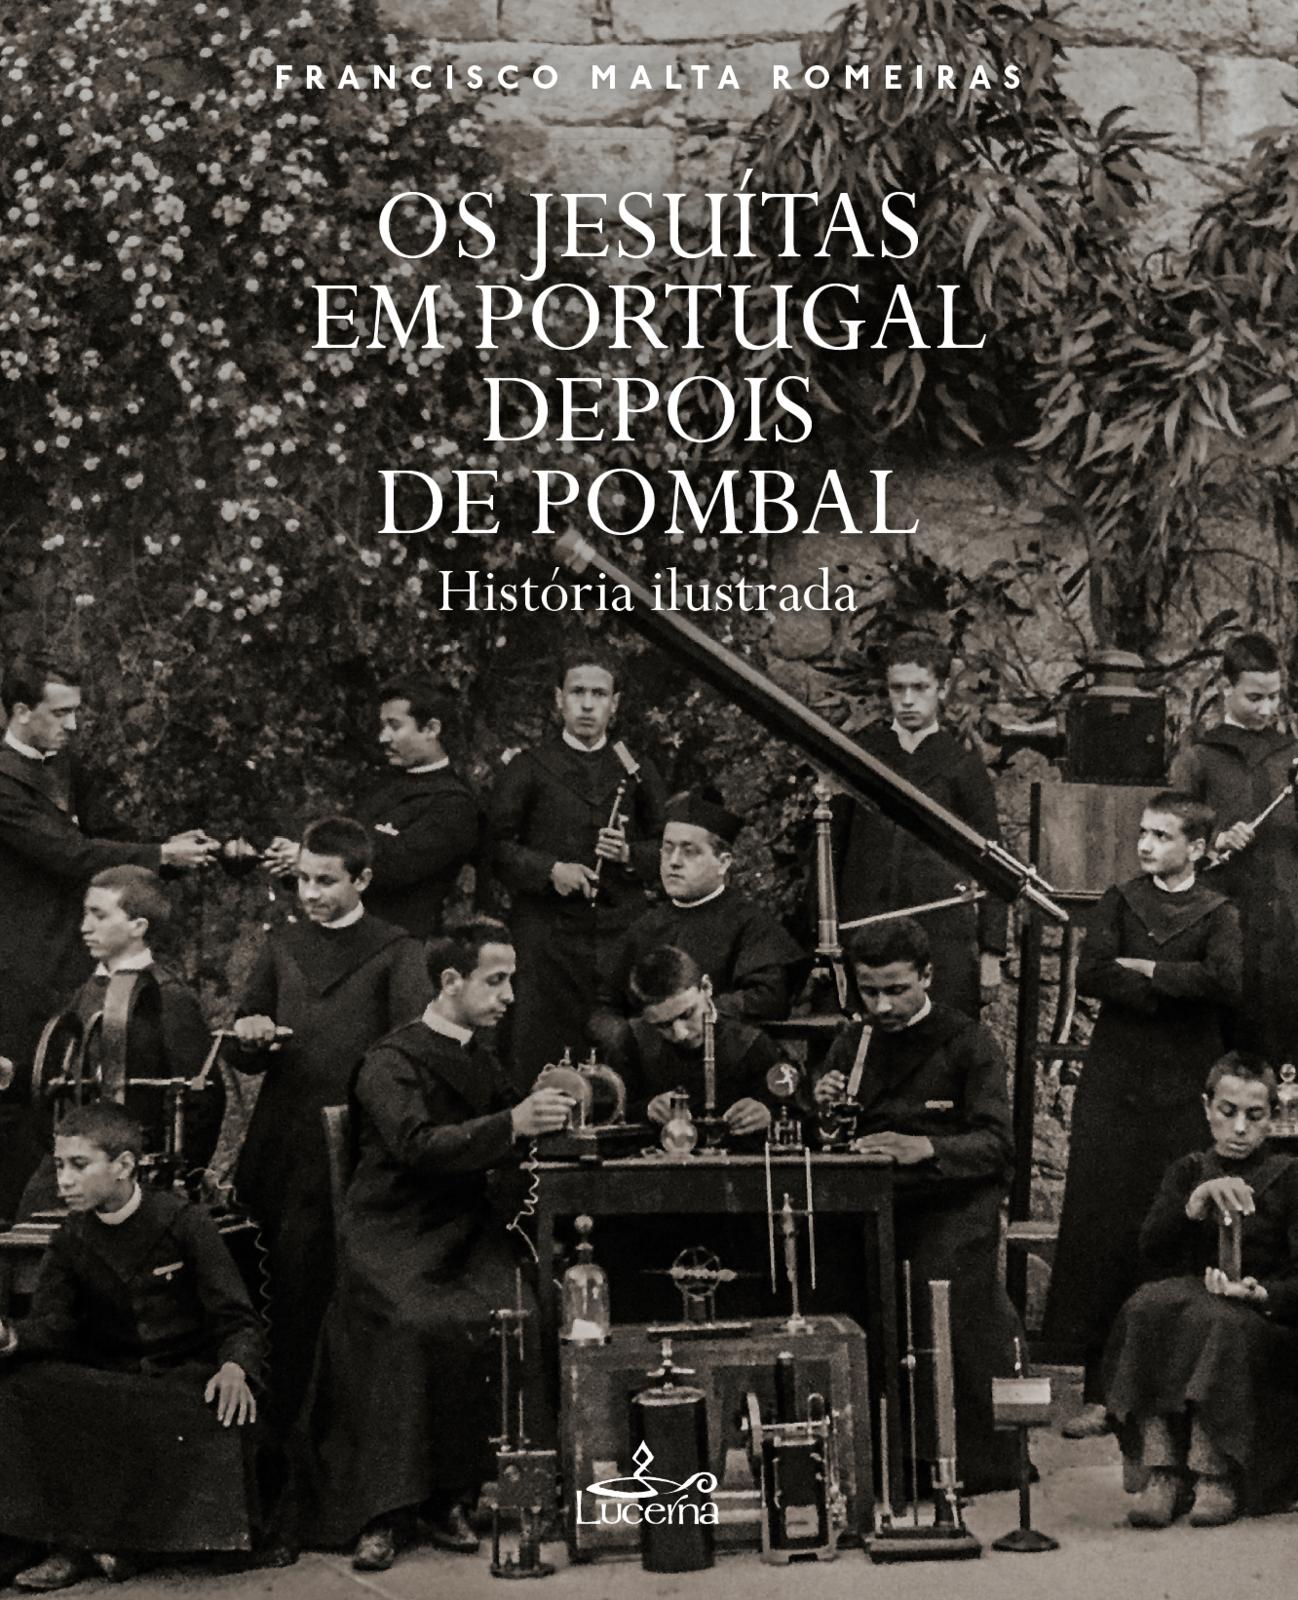 Os jesuítas em Portugal depois de Pombal. História ilustrada, Capa